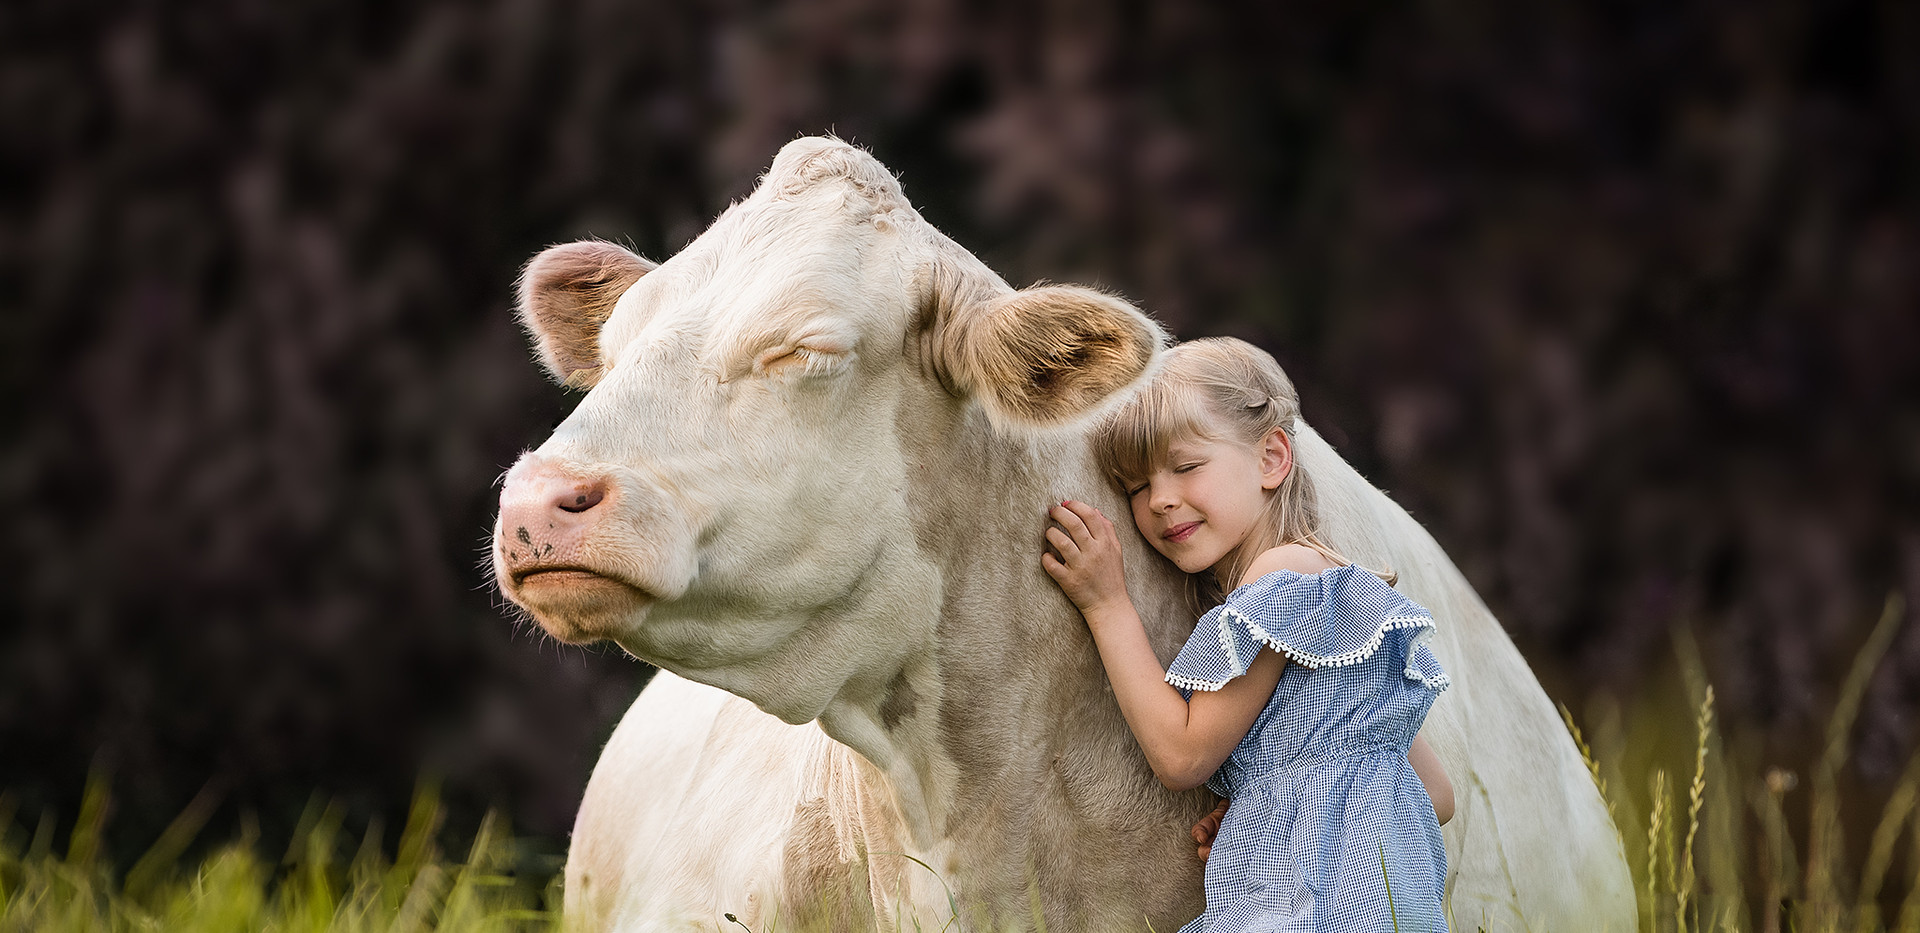 Workshop-Kinder-und-Tiere-Juli-2019-1177